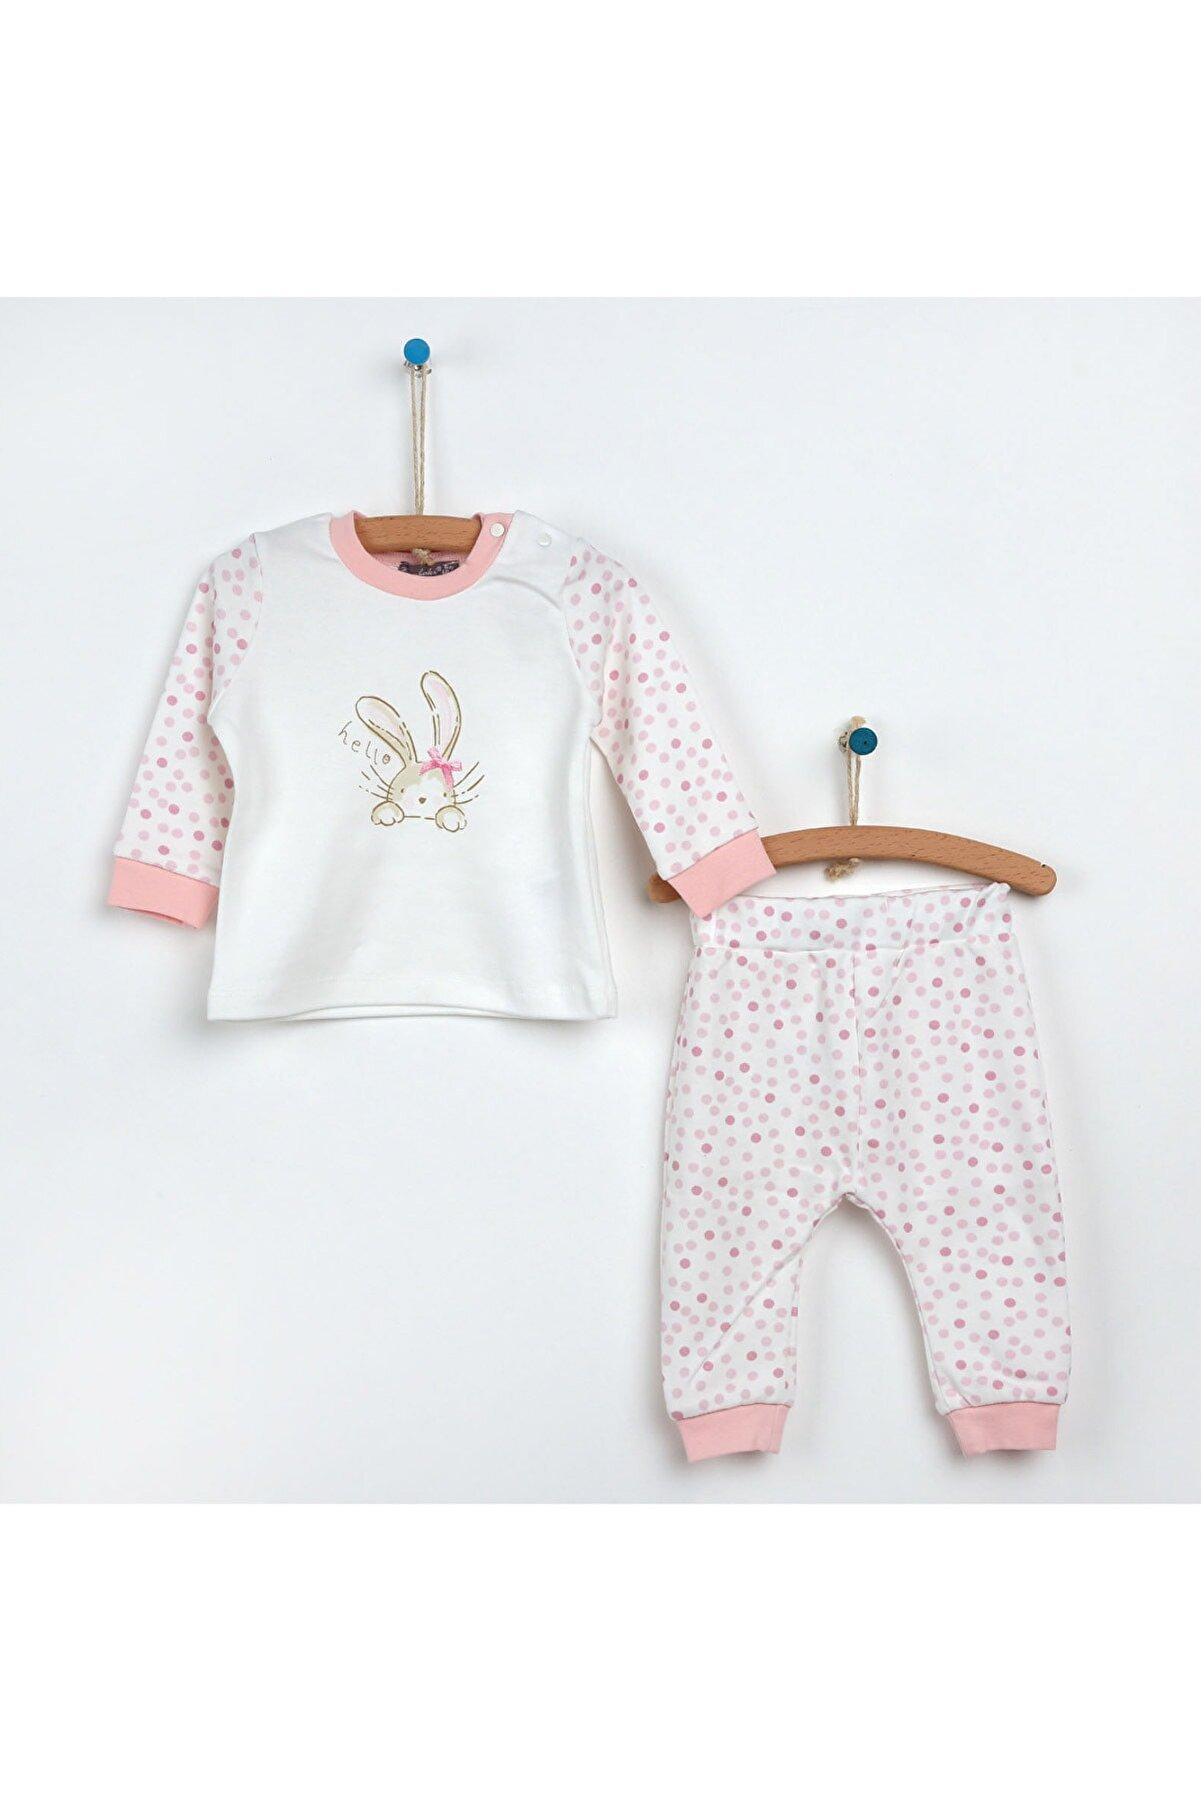 Bambaki Puanlı Pijama Takımı